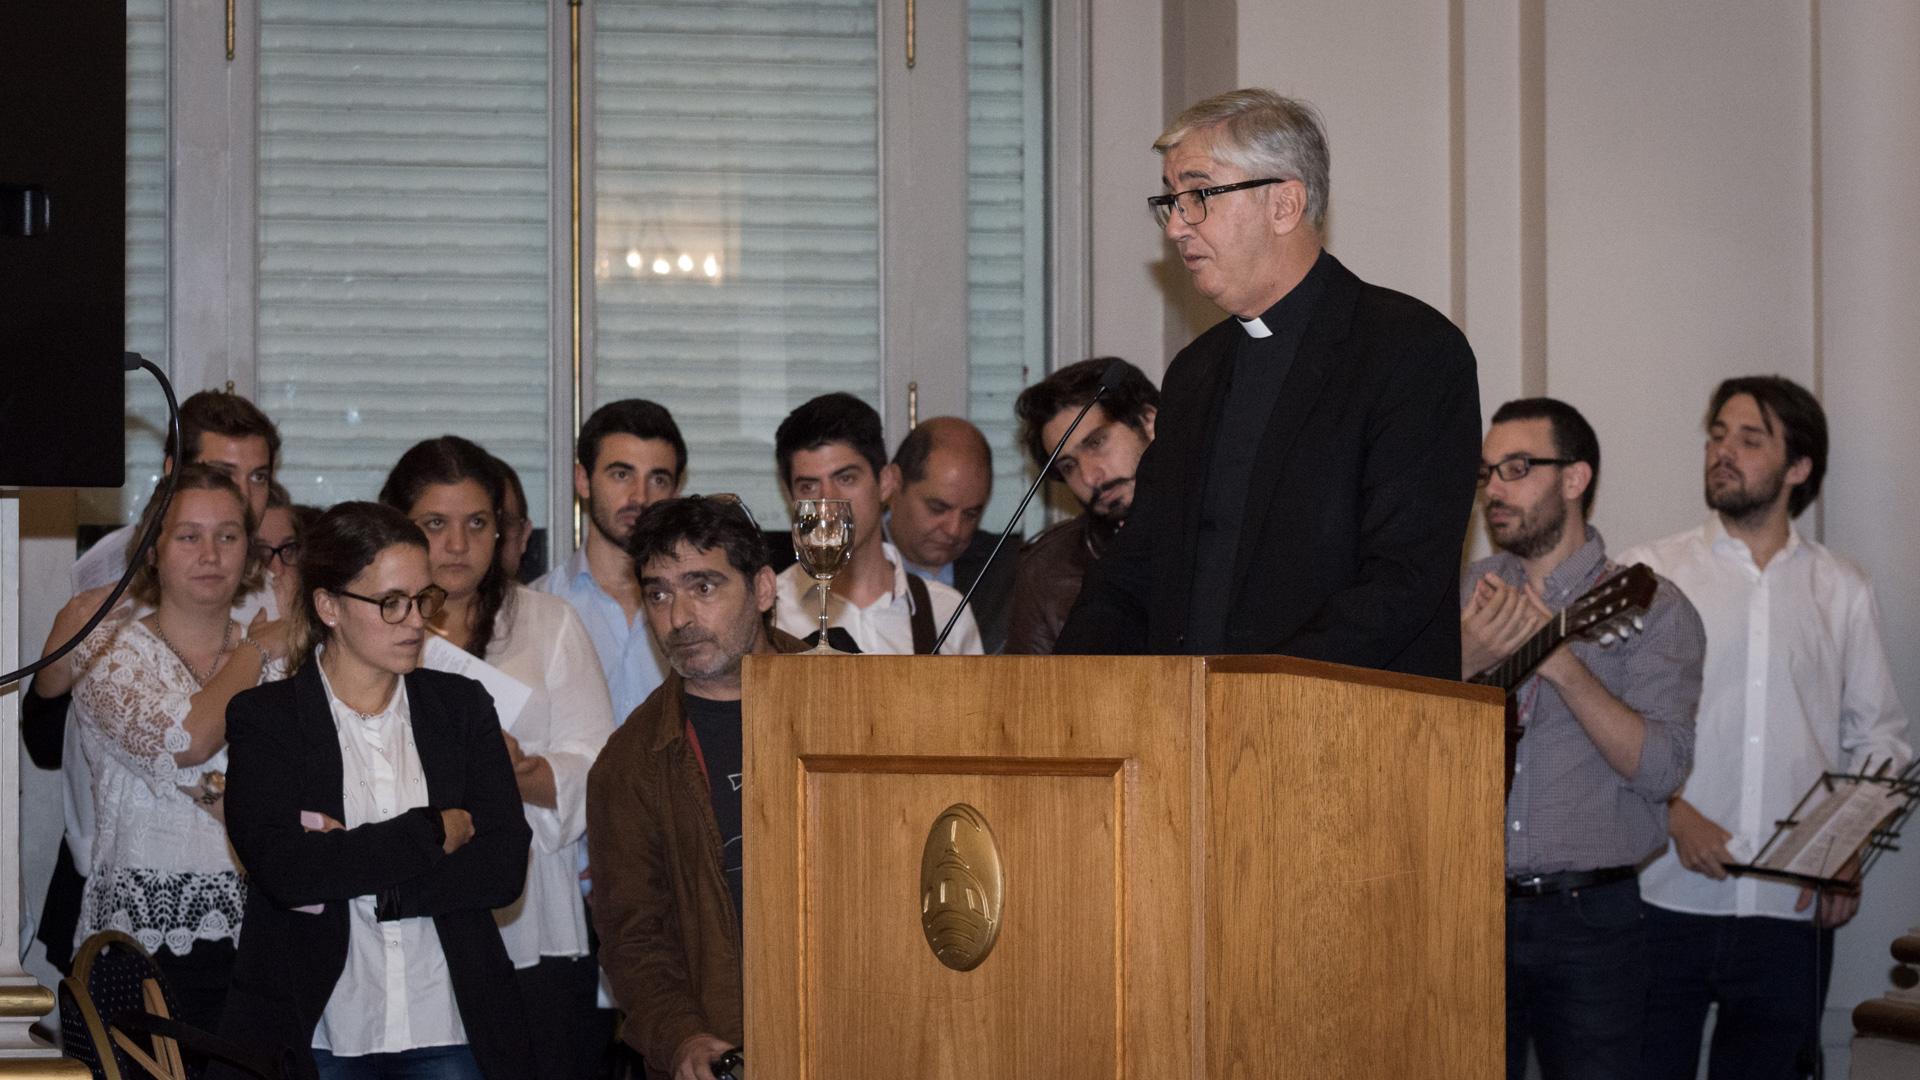 El Presbítero Guillermo Marcó fue vocero del entonces Cardenal Jorge Bergoglio (actual Papa Francisco) en la ciudad de Buenos Aires y actualmente es presidente del Instituto de Diálogo Interreligioso (IDI)